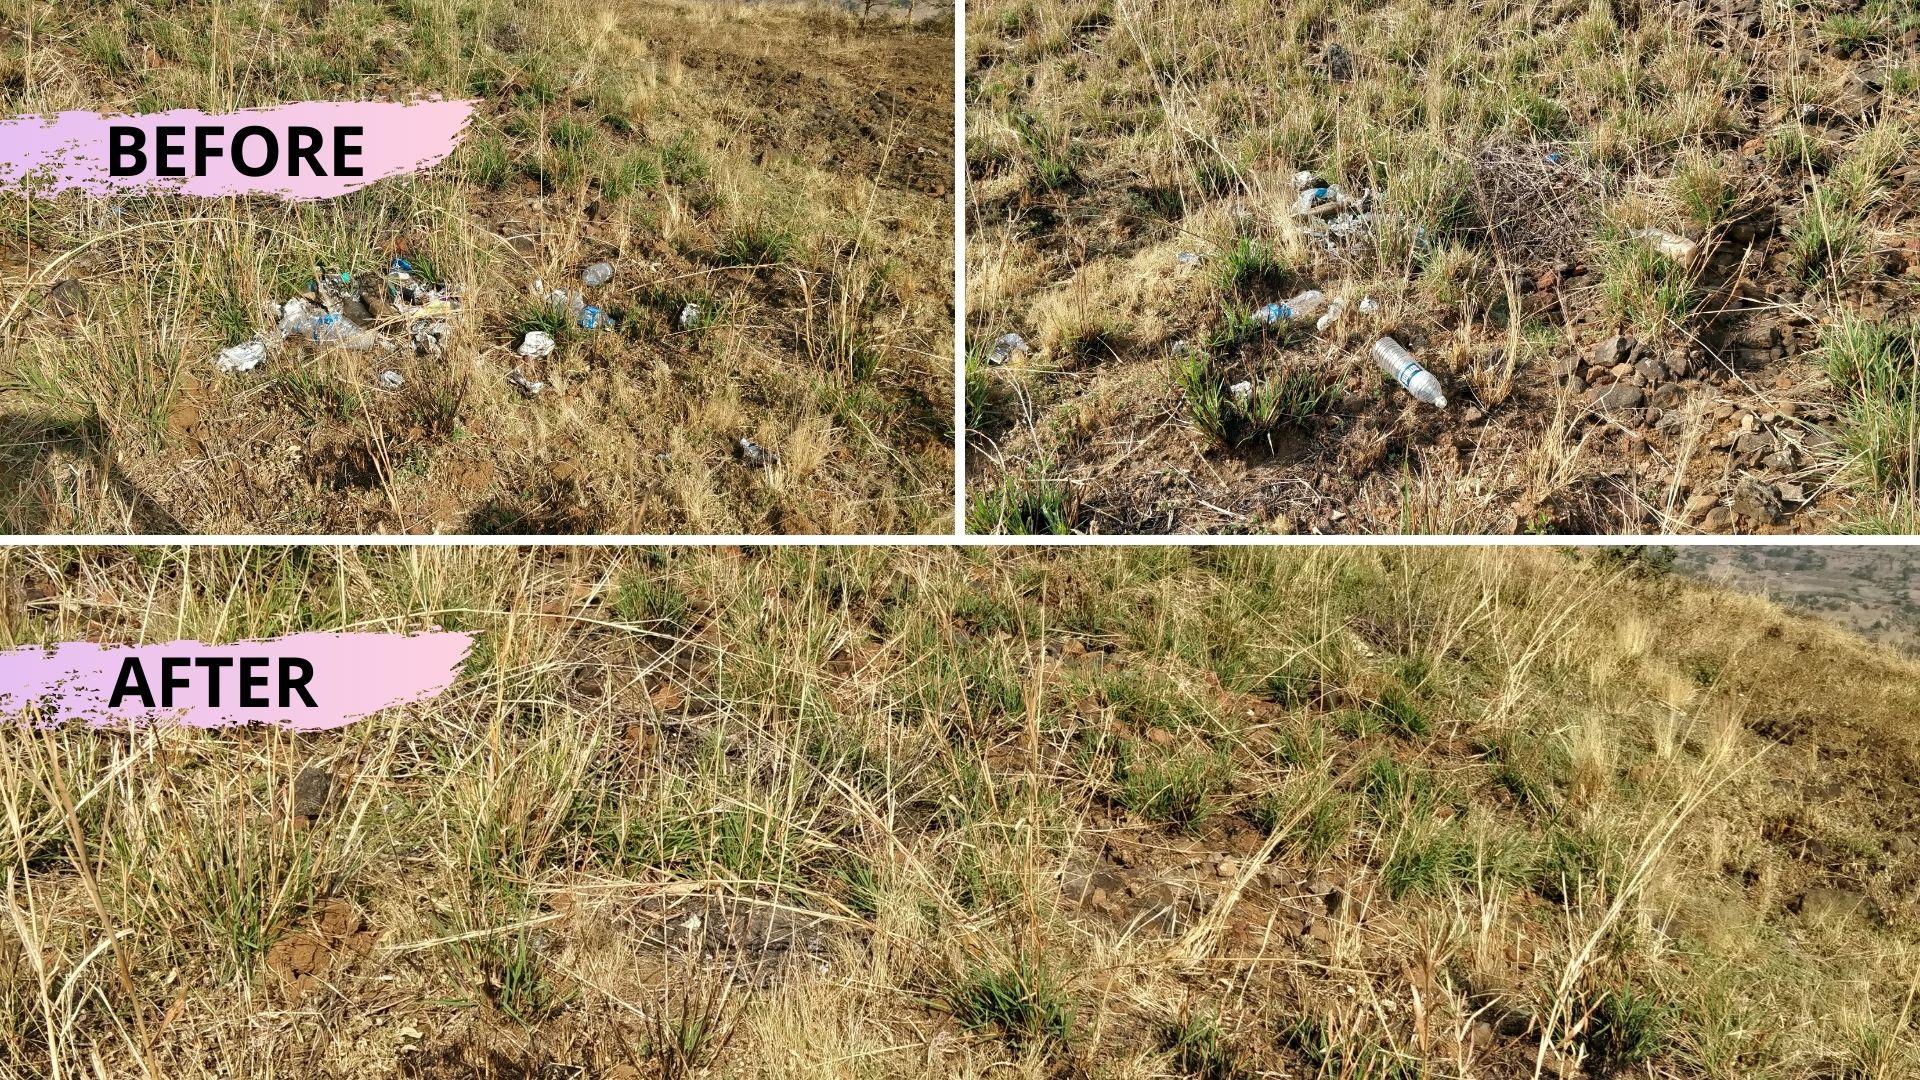 Harihar-fort-clean-up-trek-for-nature-ecopurple